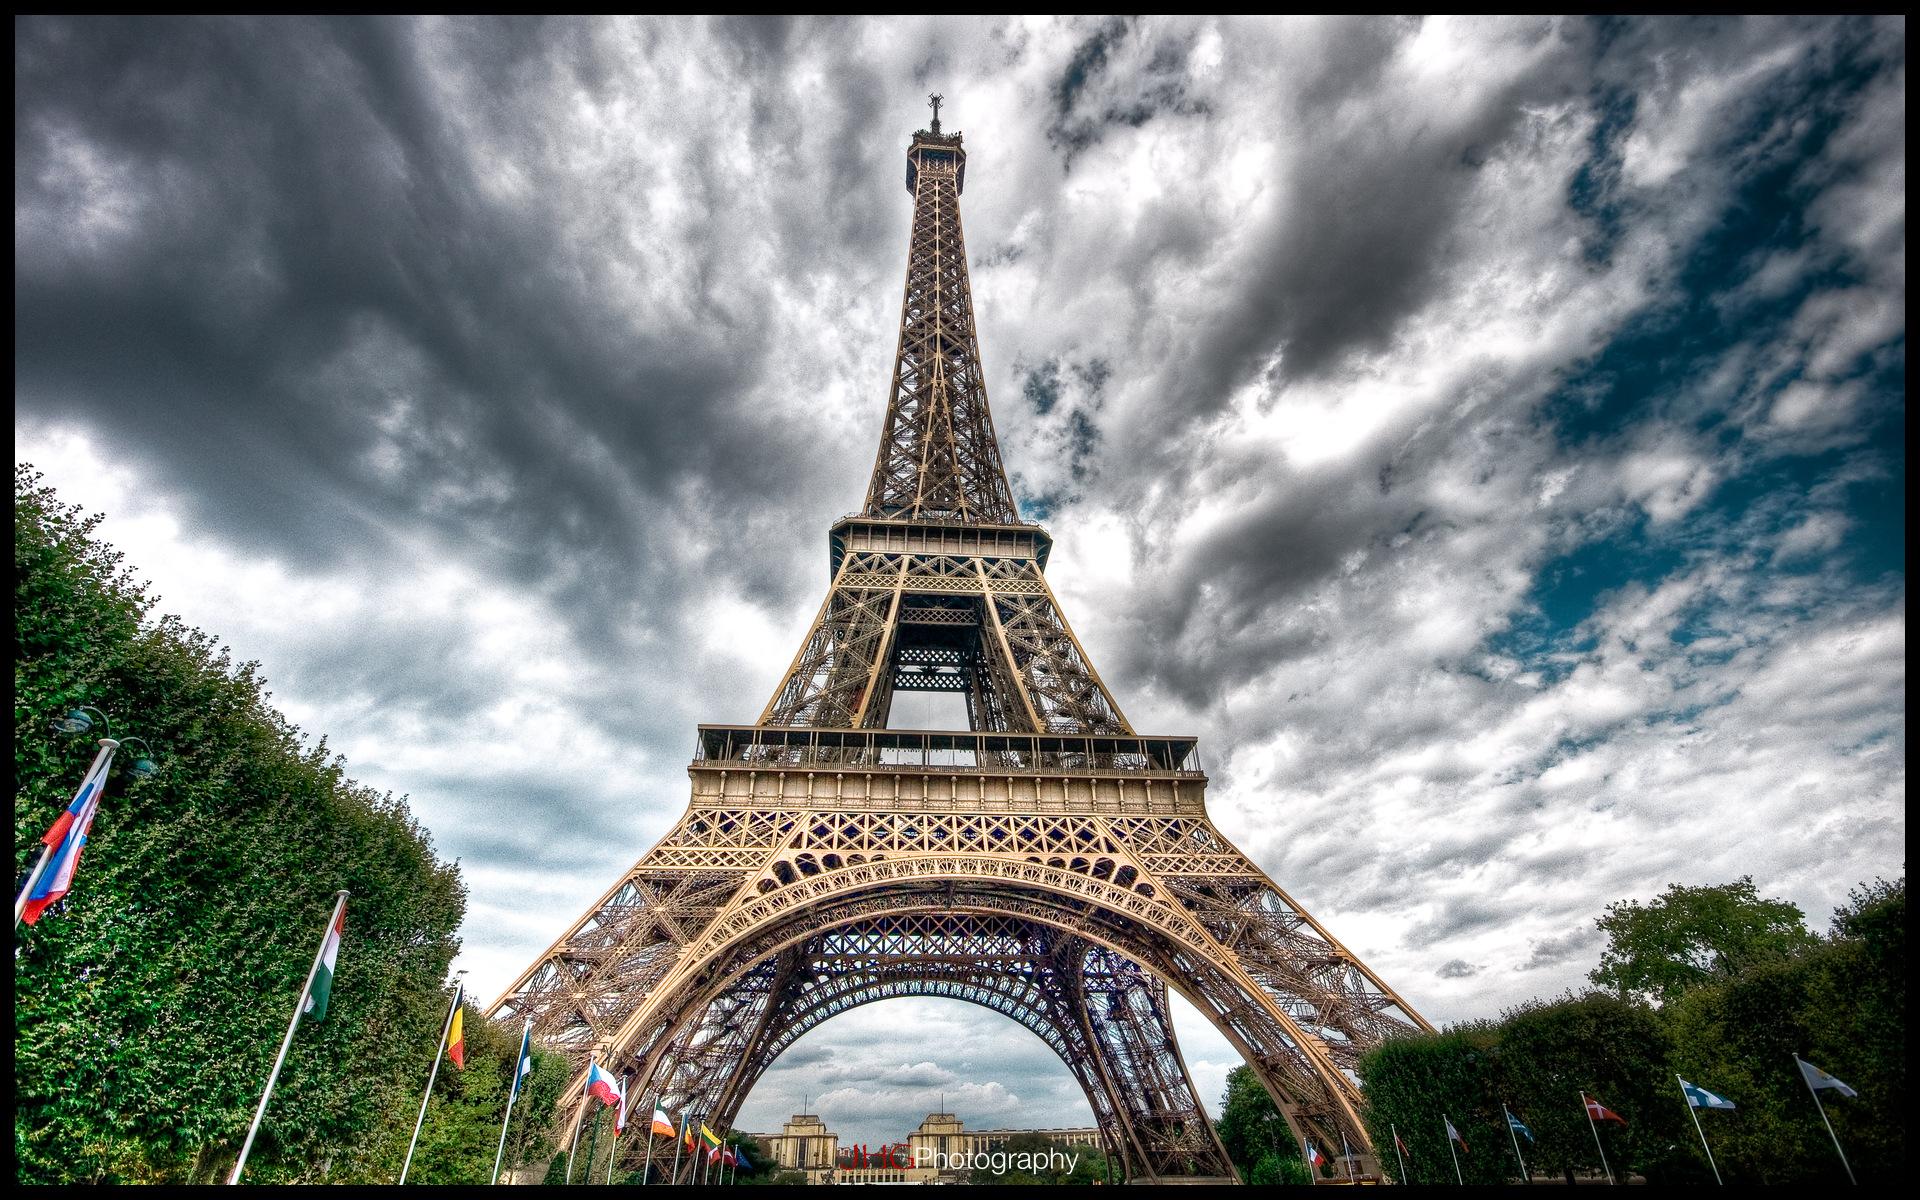 природа страны архитектура Марсово поле Париж Франция  № 824112 загрузить